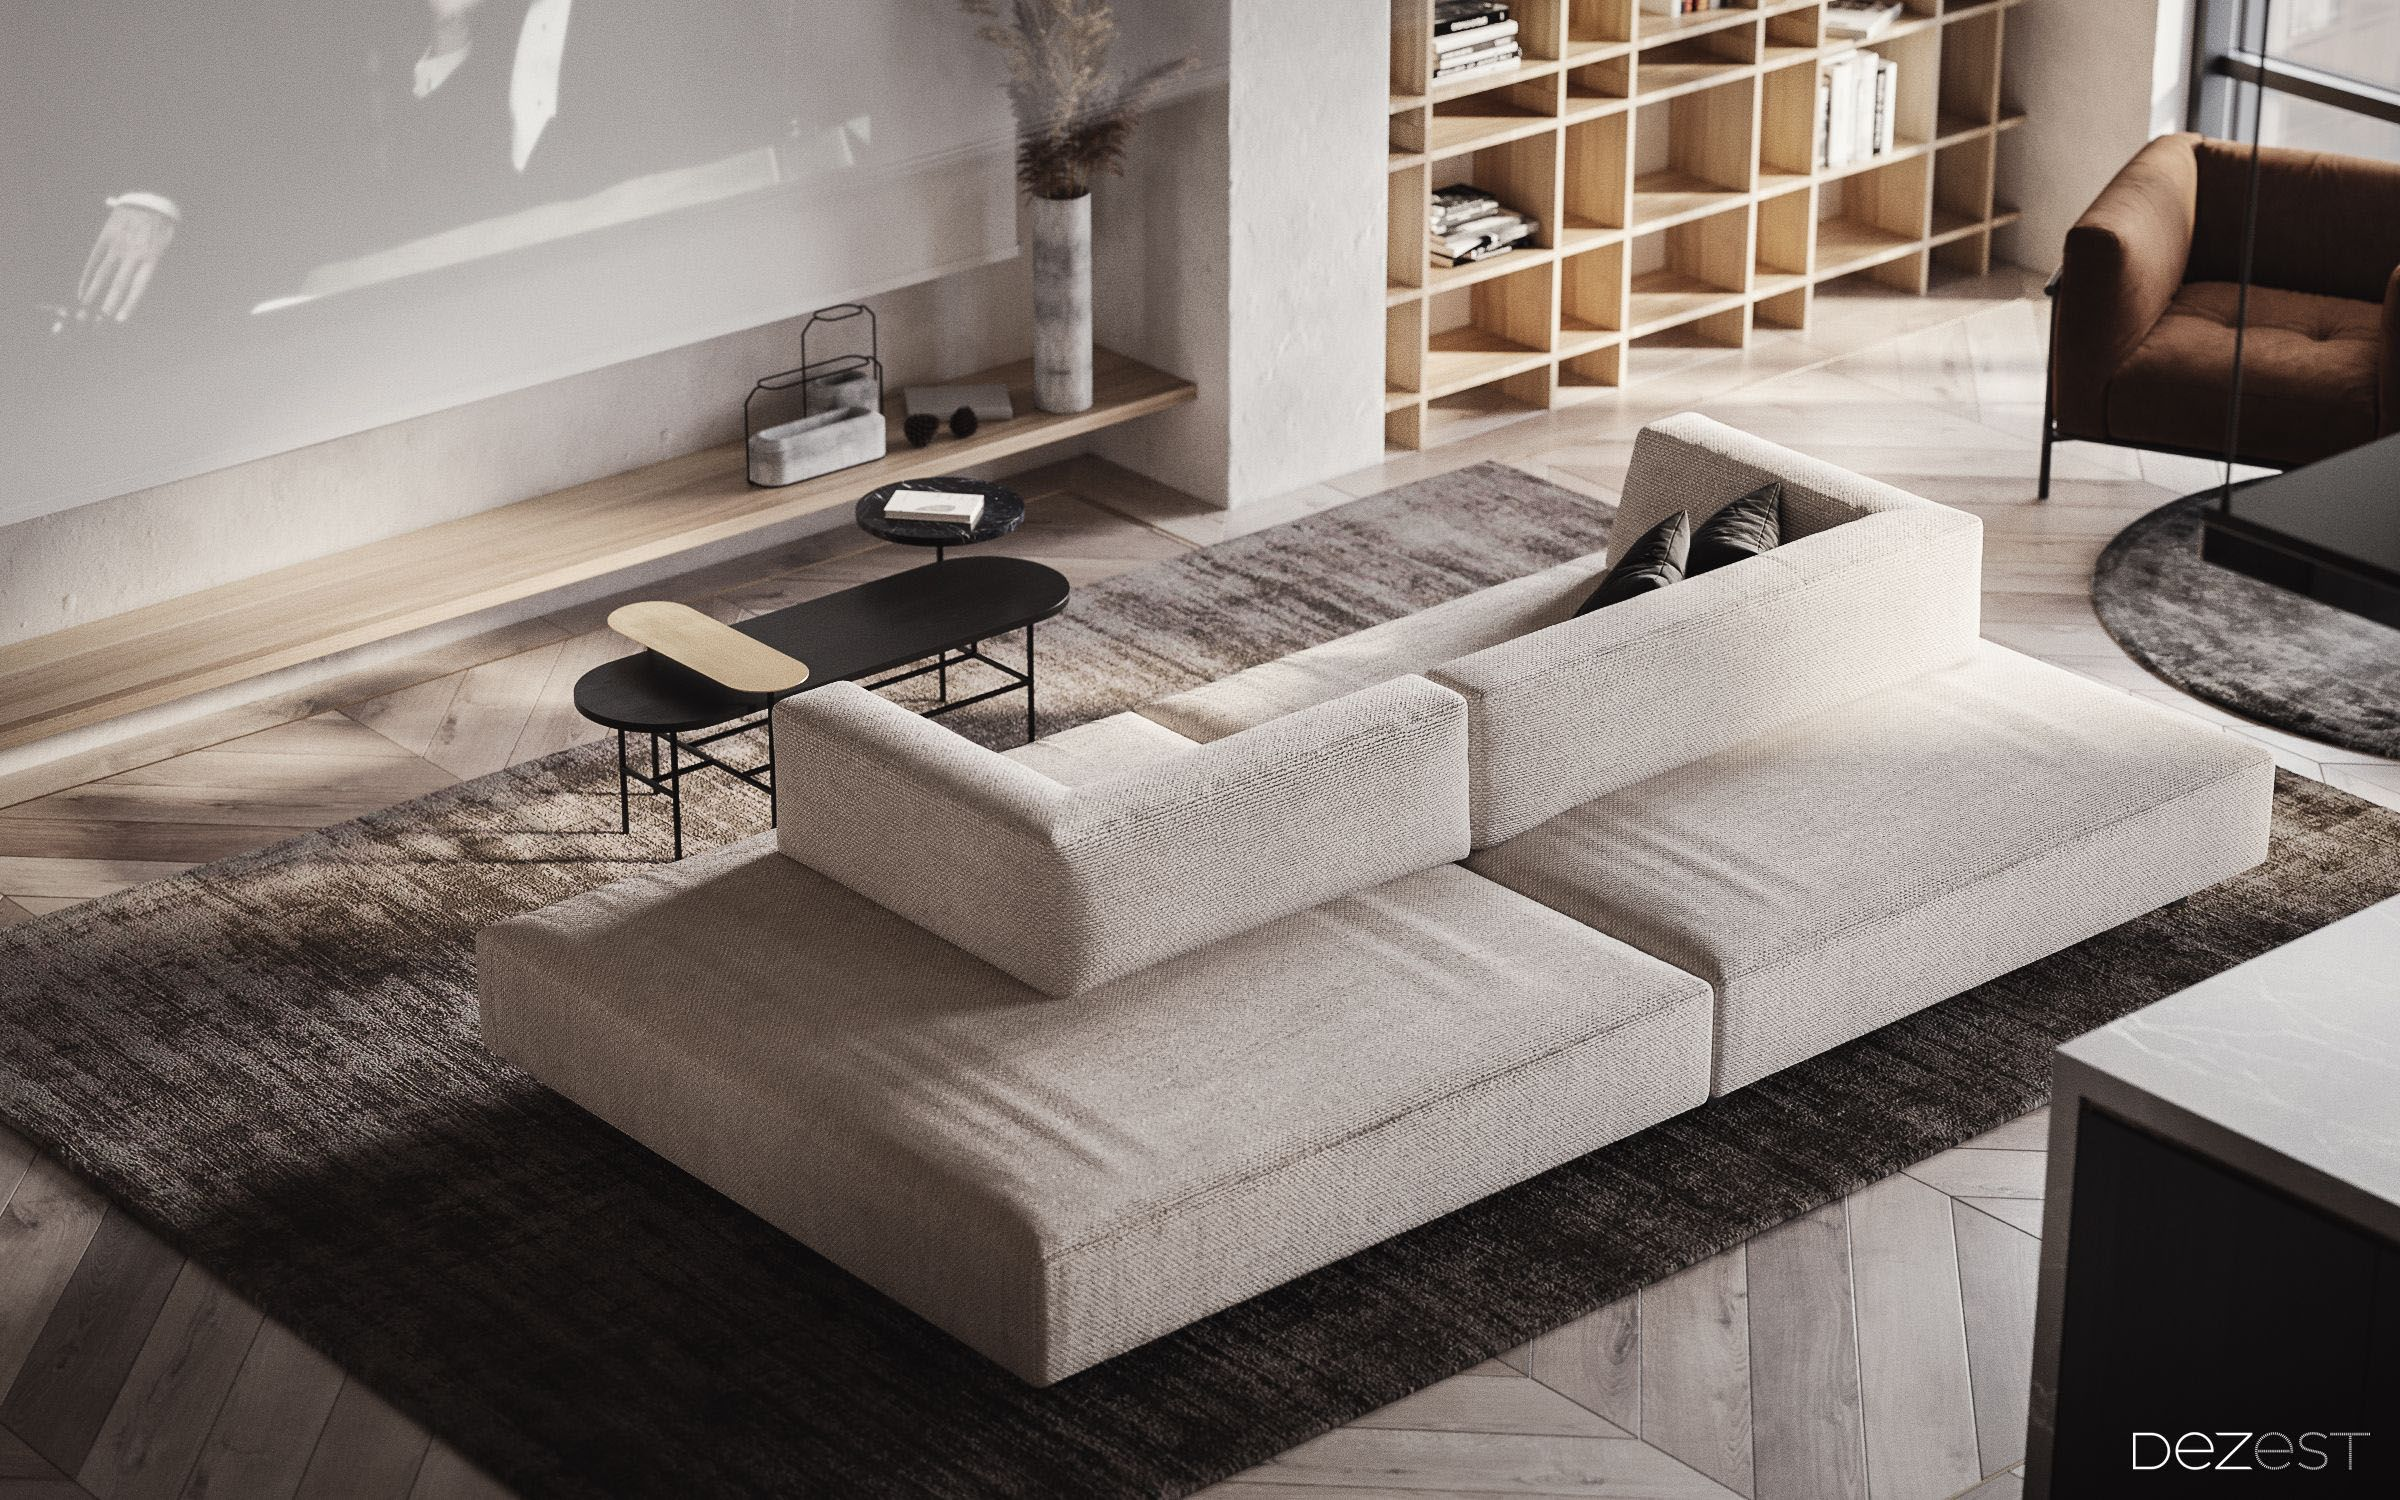 Soul on behance sofa in 2018 pinterest living room living